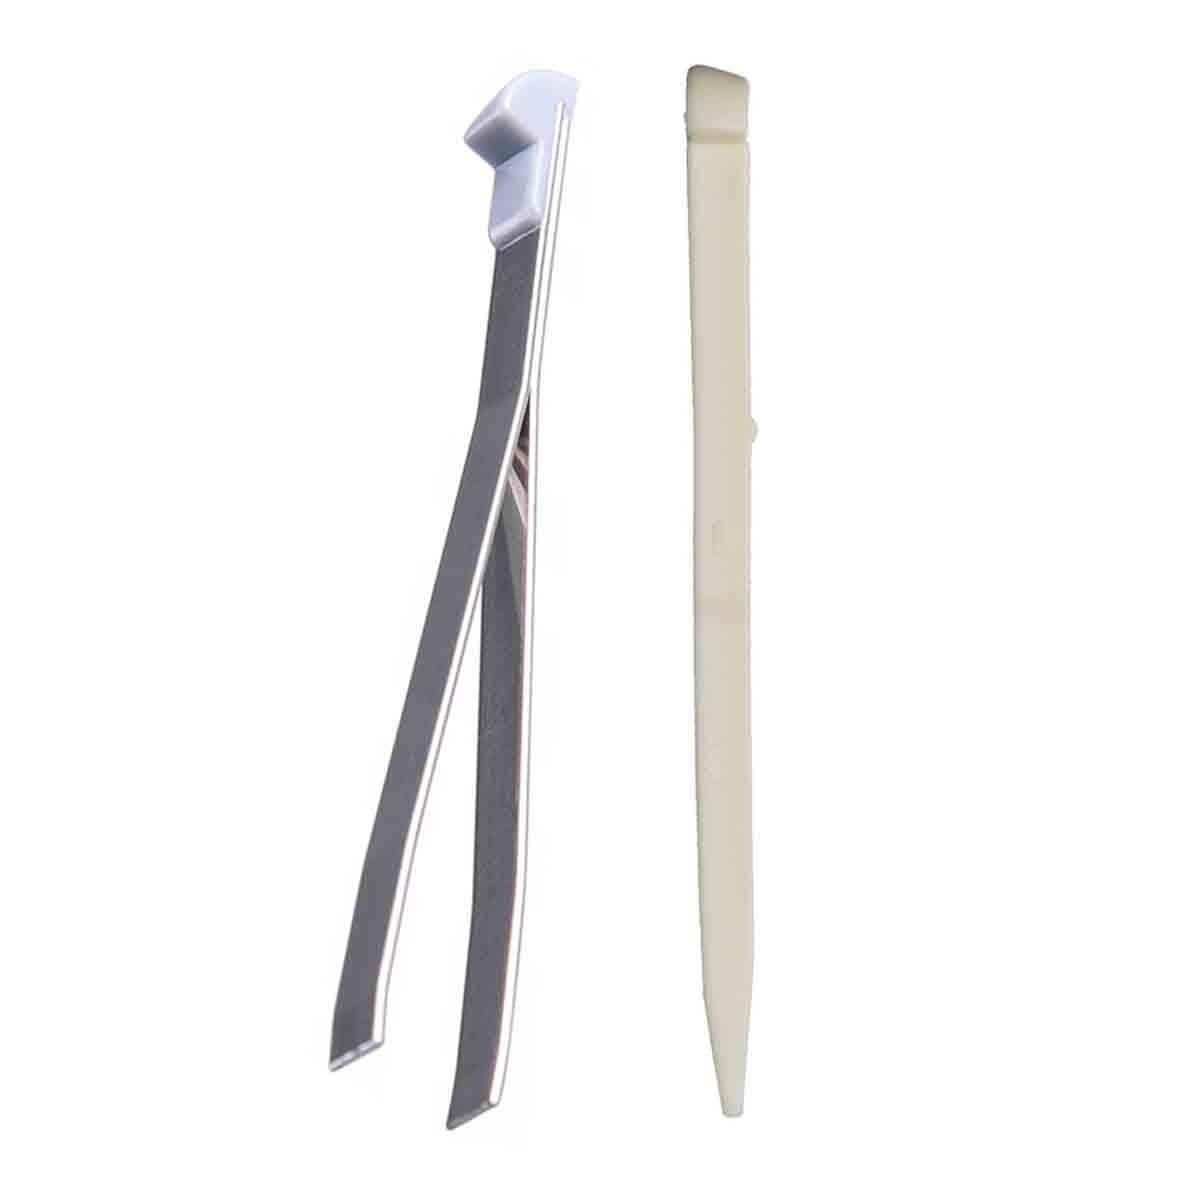 Kit Manutenção Victorinox Pinça e Palito para canivete 91mm ou maior